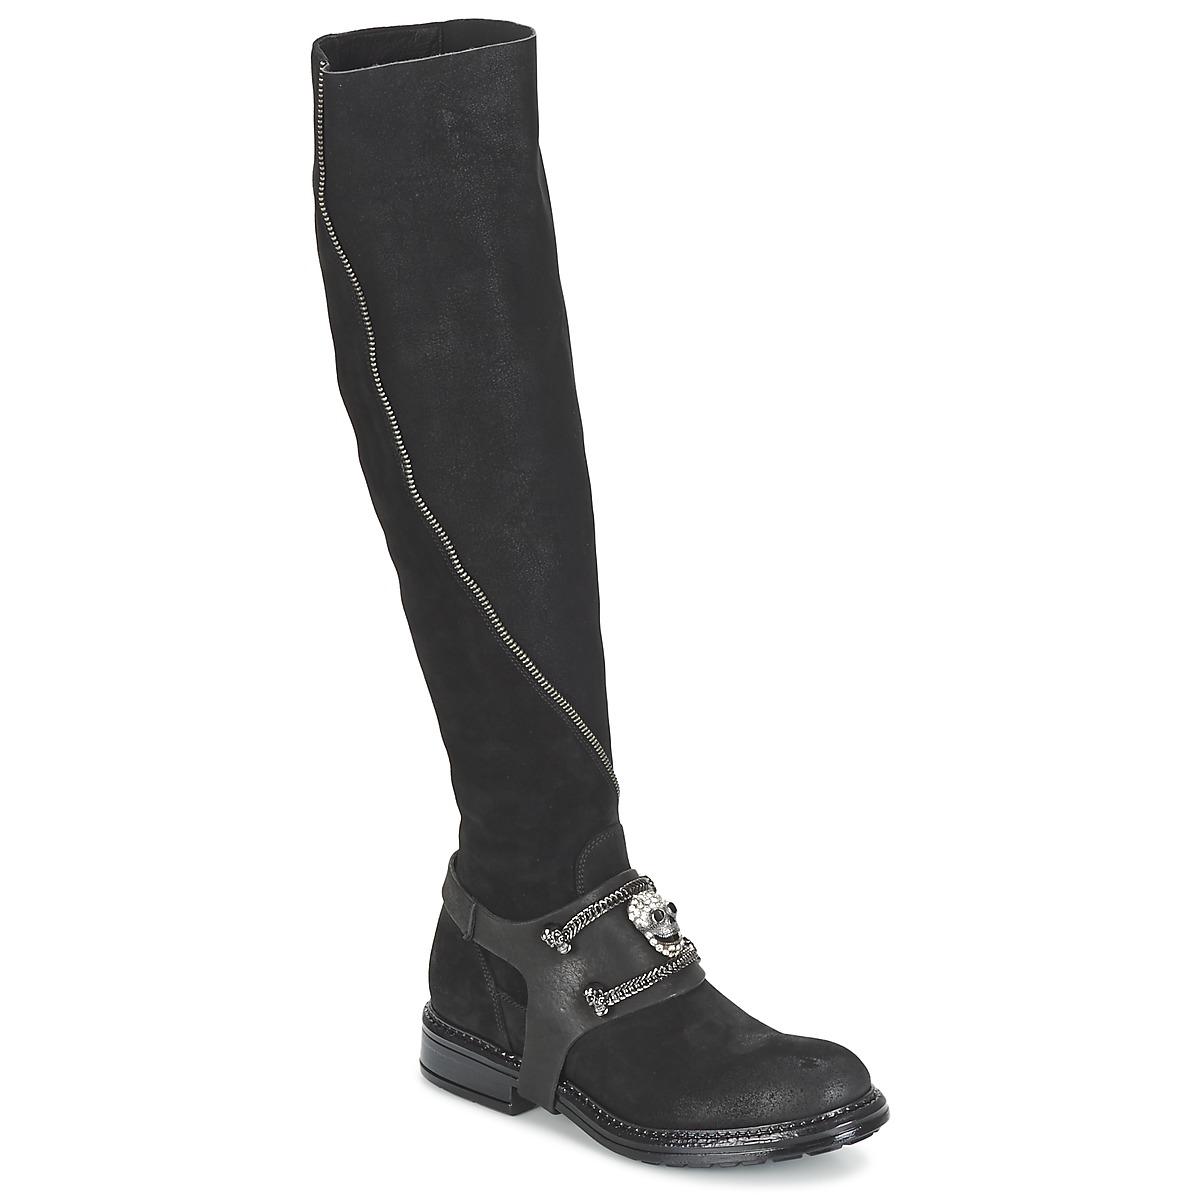 Now CALOPORO Noir - Livraison Gratuite avec  - Chaussures Boot Femme